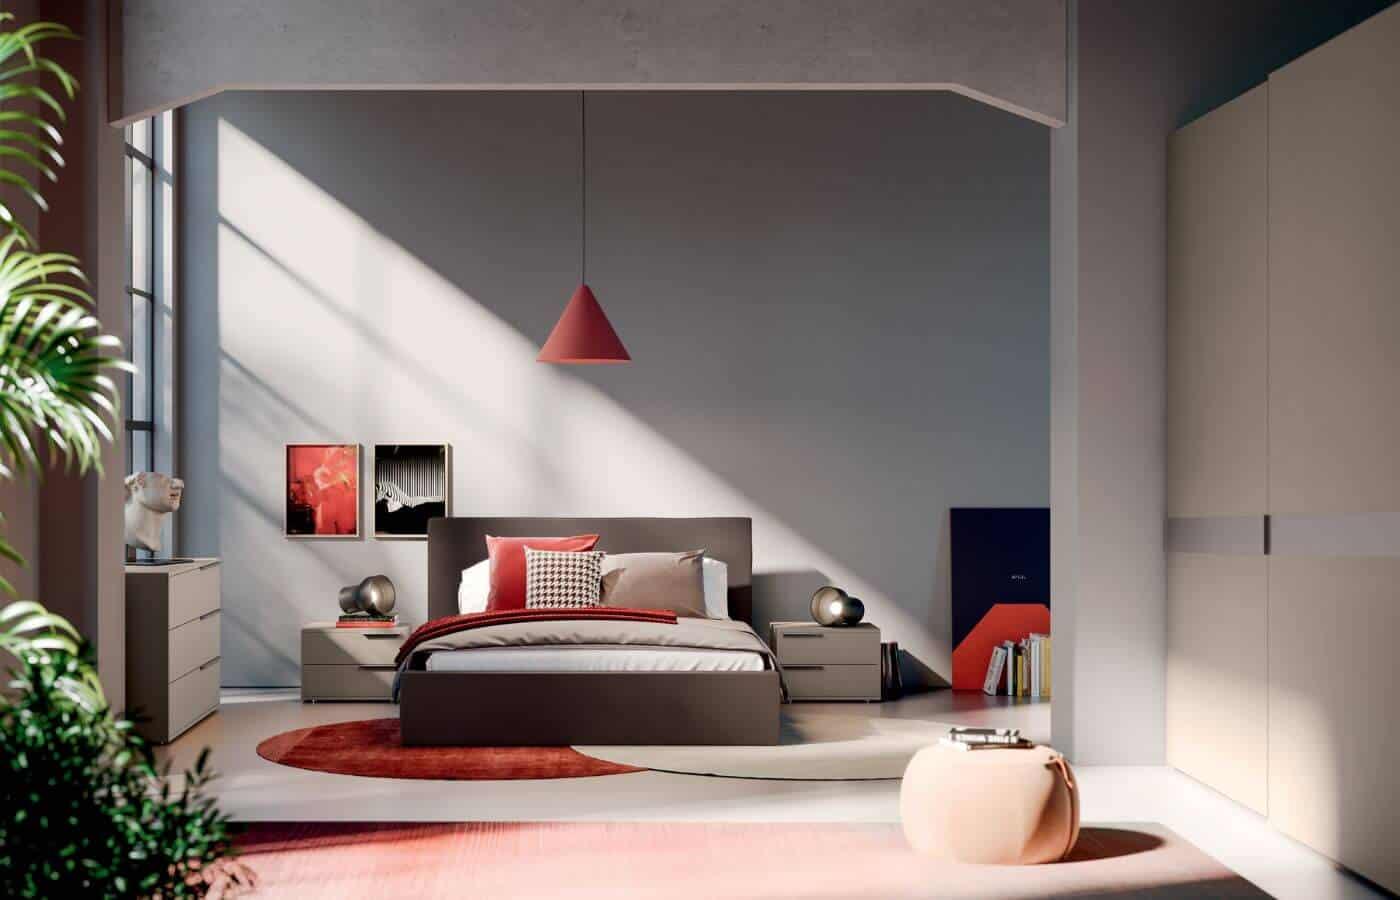 zona-notte-collezione-forma-light-il-mobile (1)